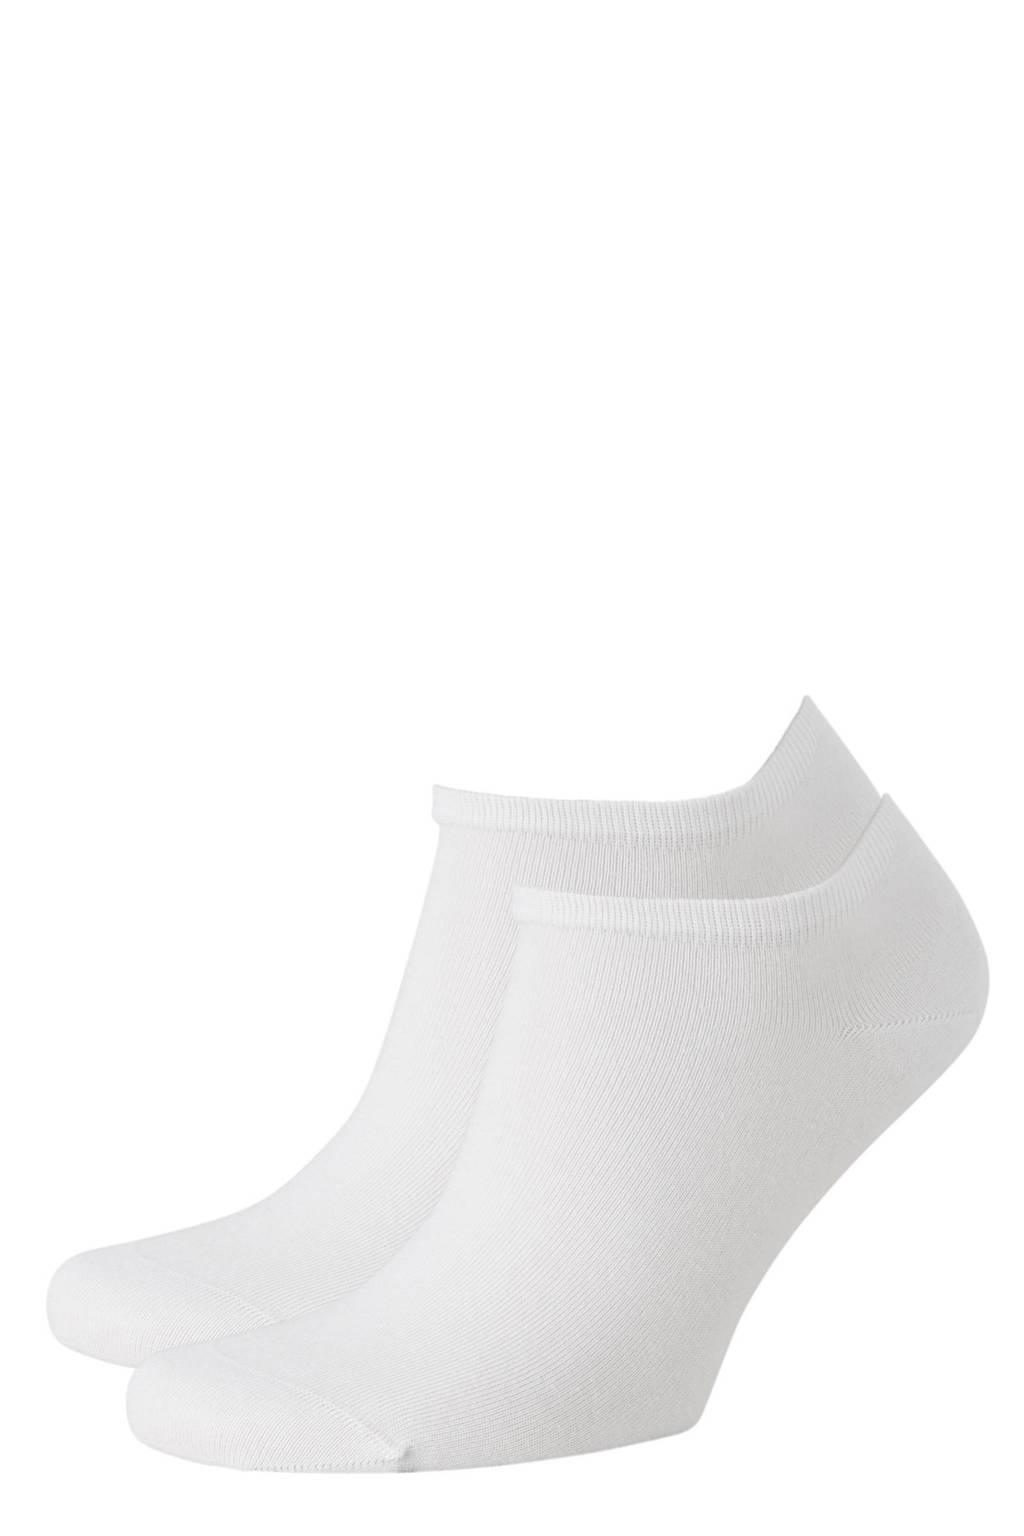 Tommy Hilfiger sneakersokken (2 paar), Wit